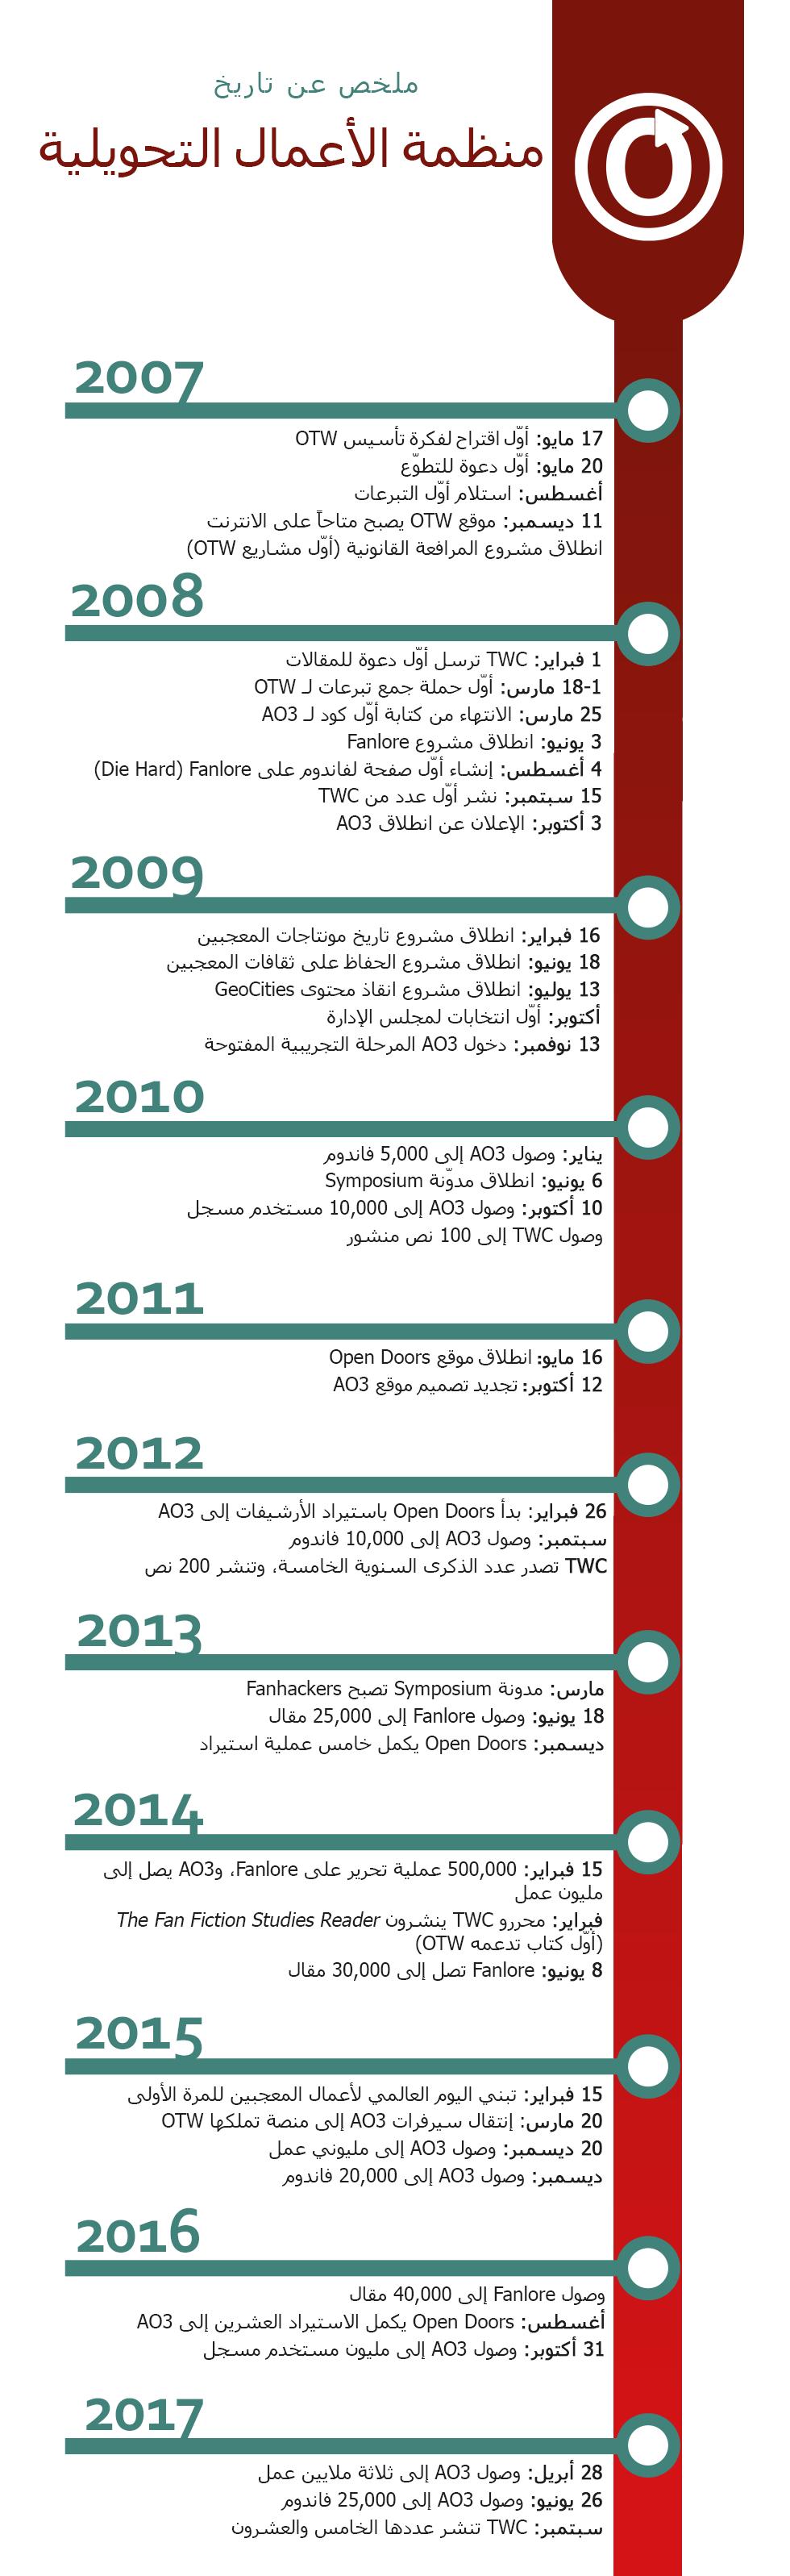 الترتيب الزمني للأحداث المهمّة في تاريخ OTW